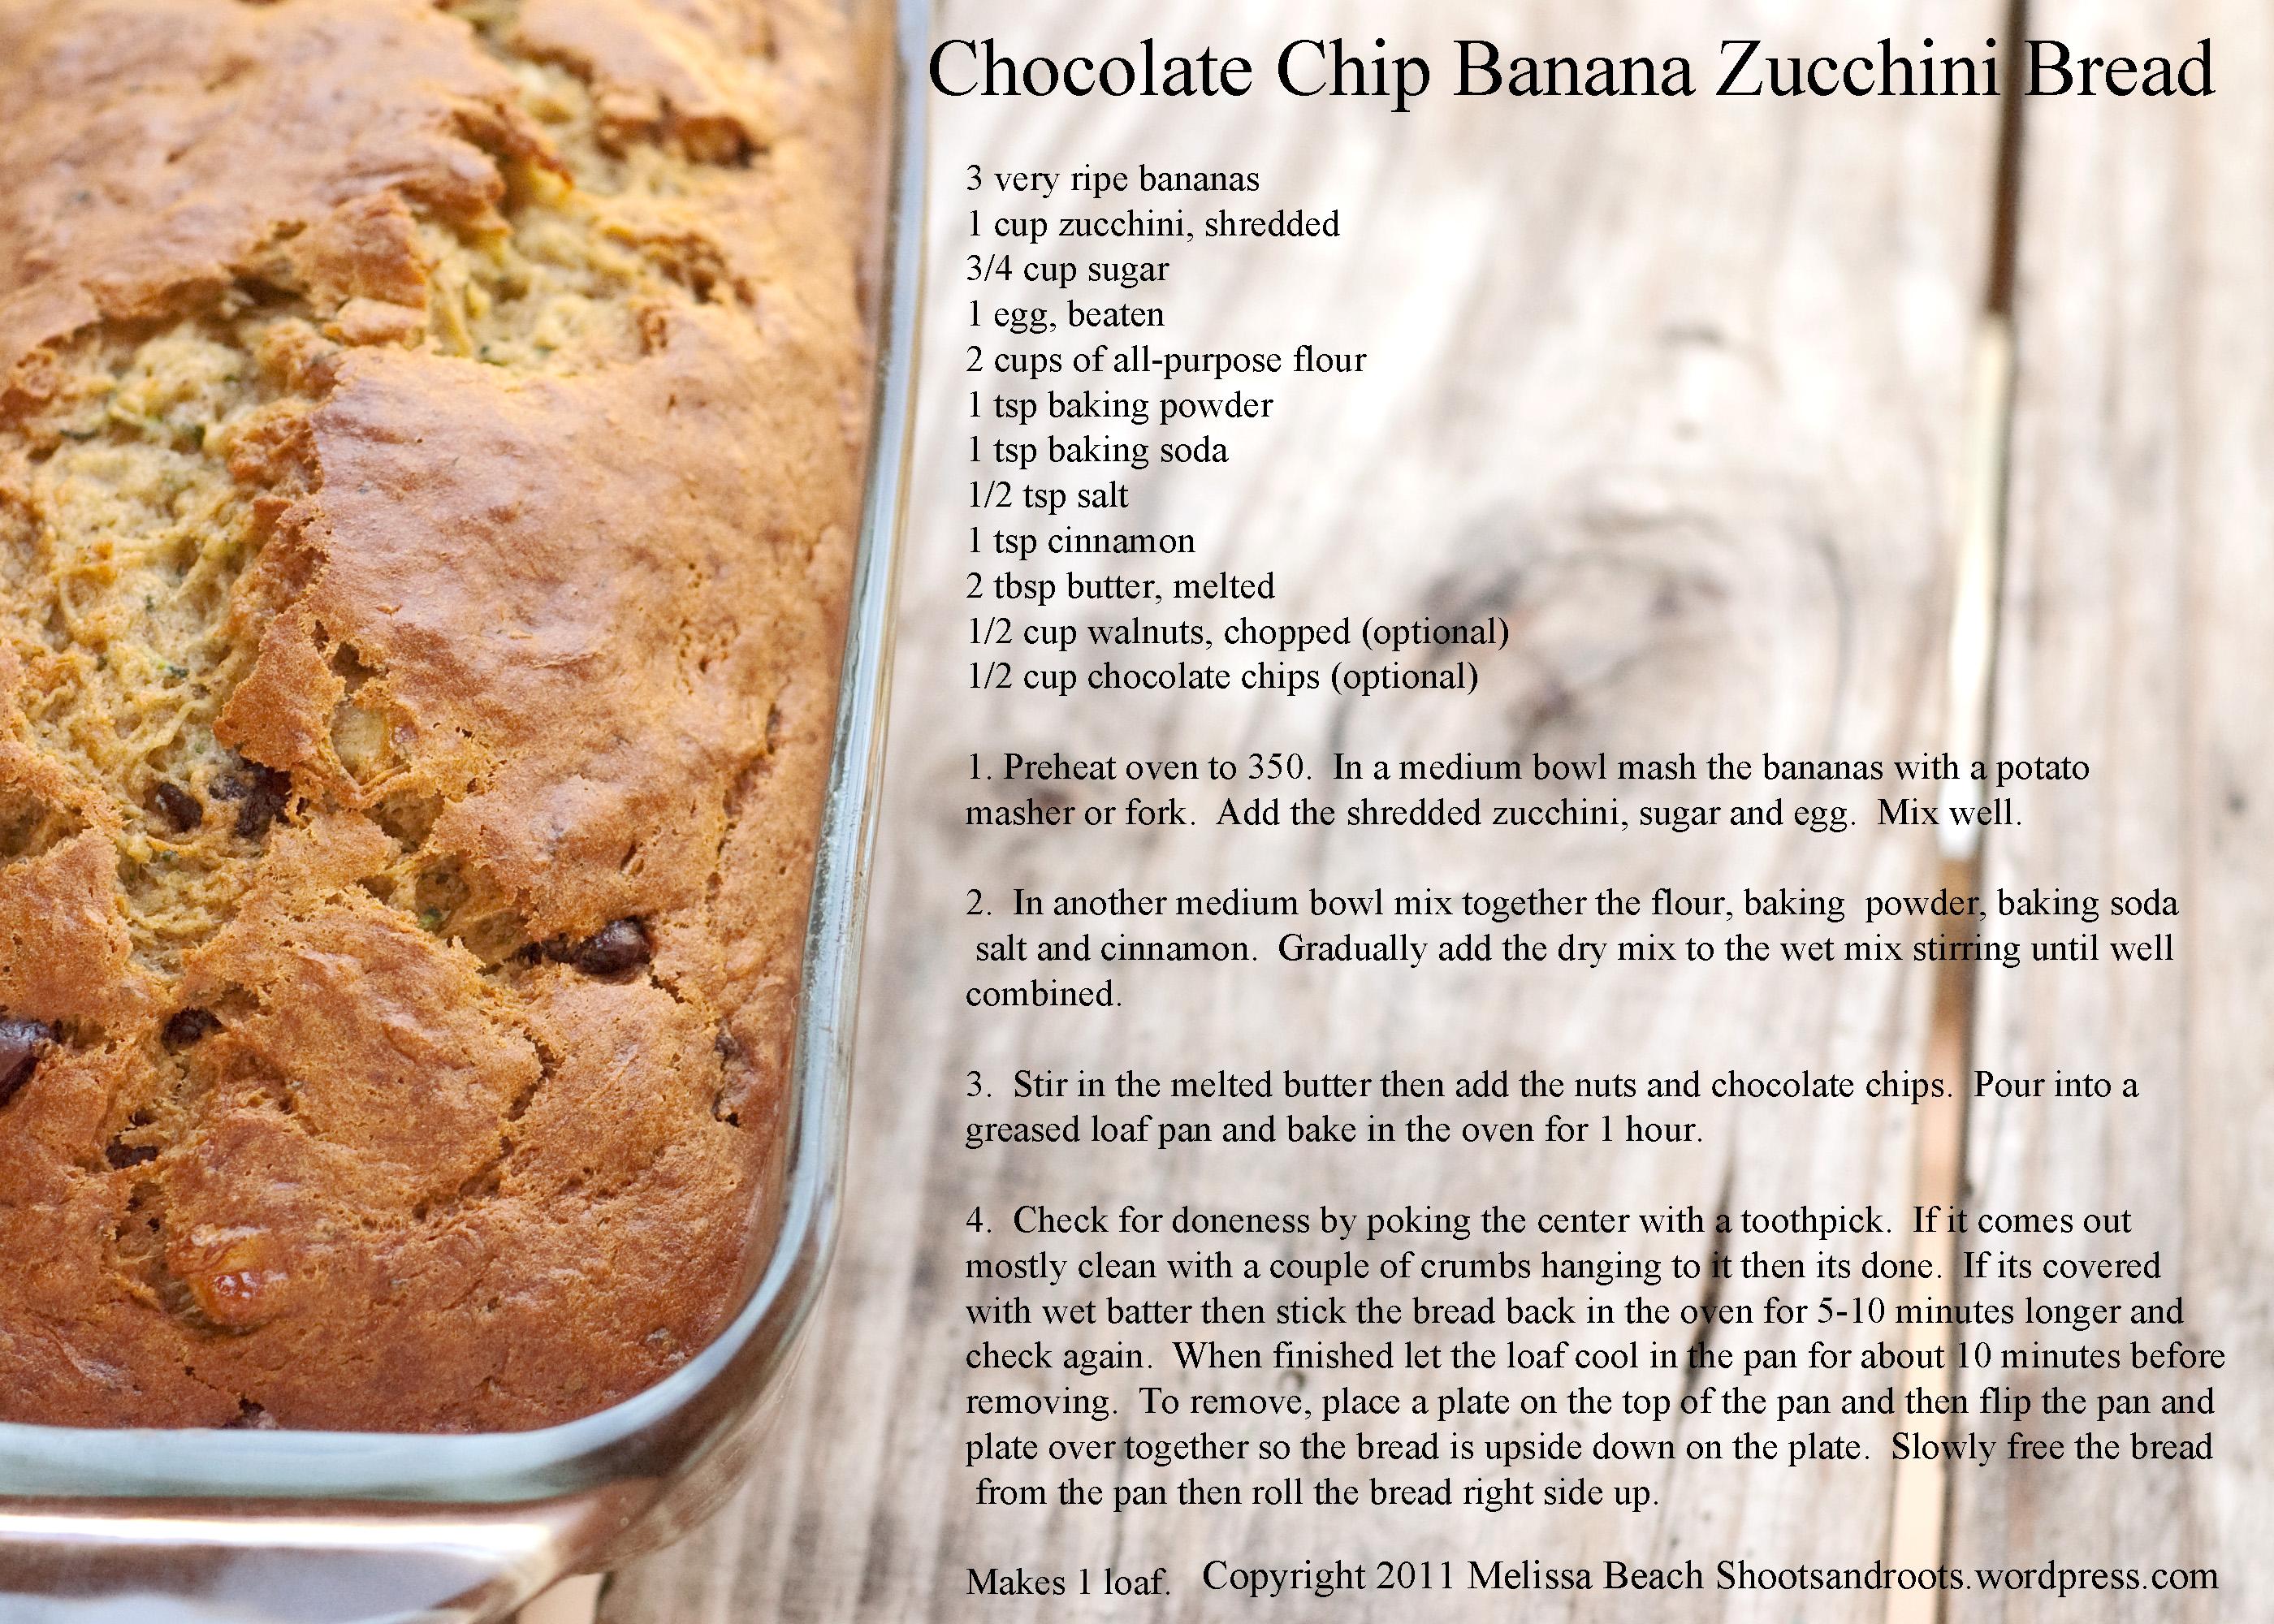 banana bread recipe card - photo #12